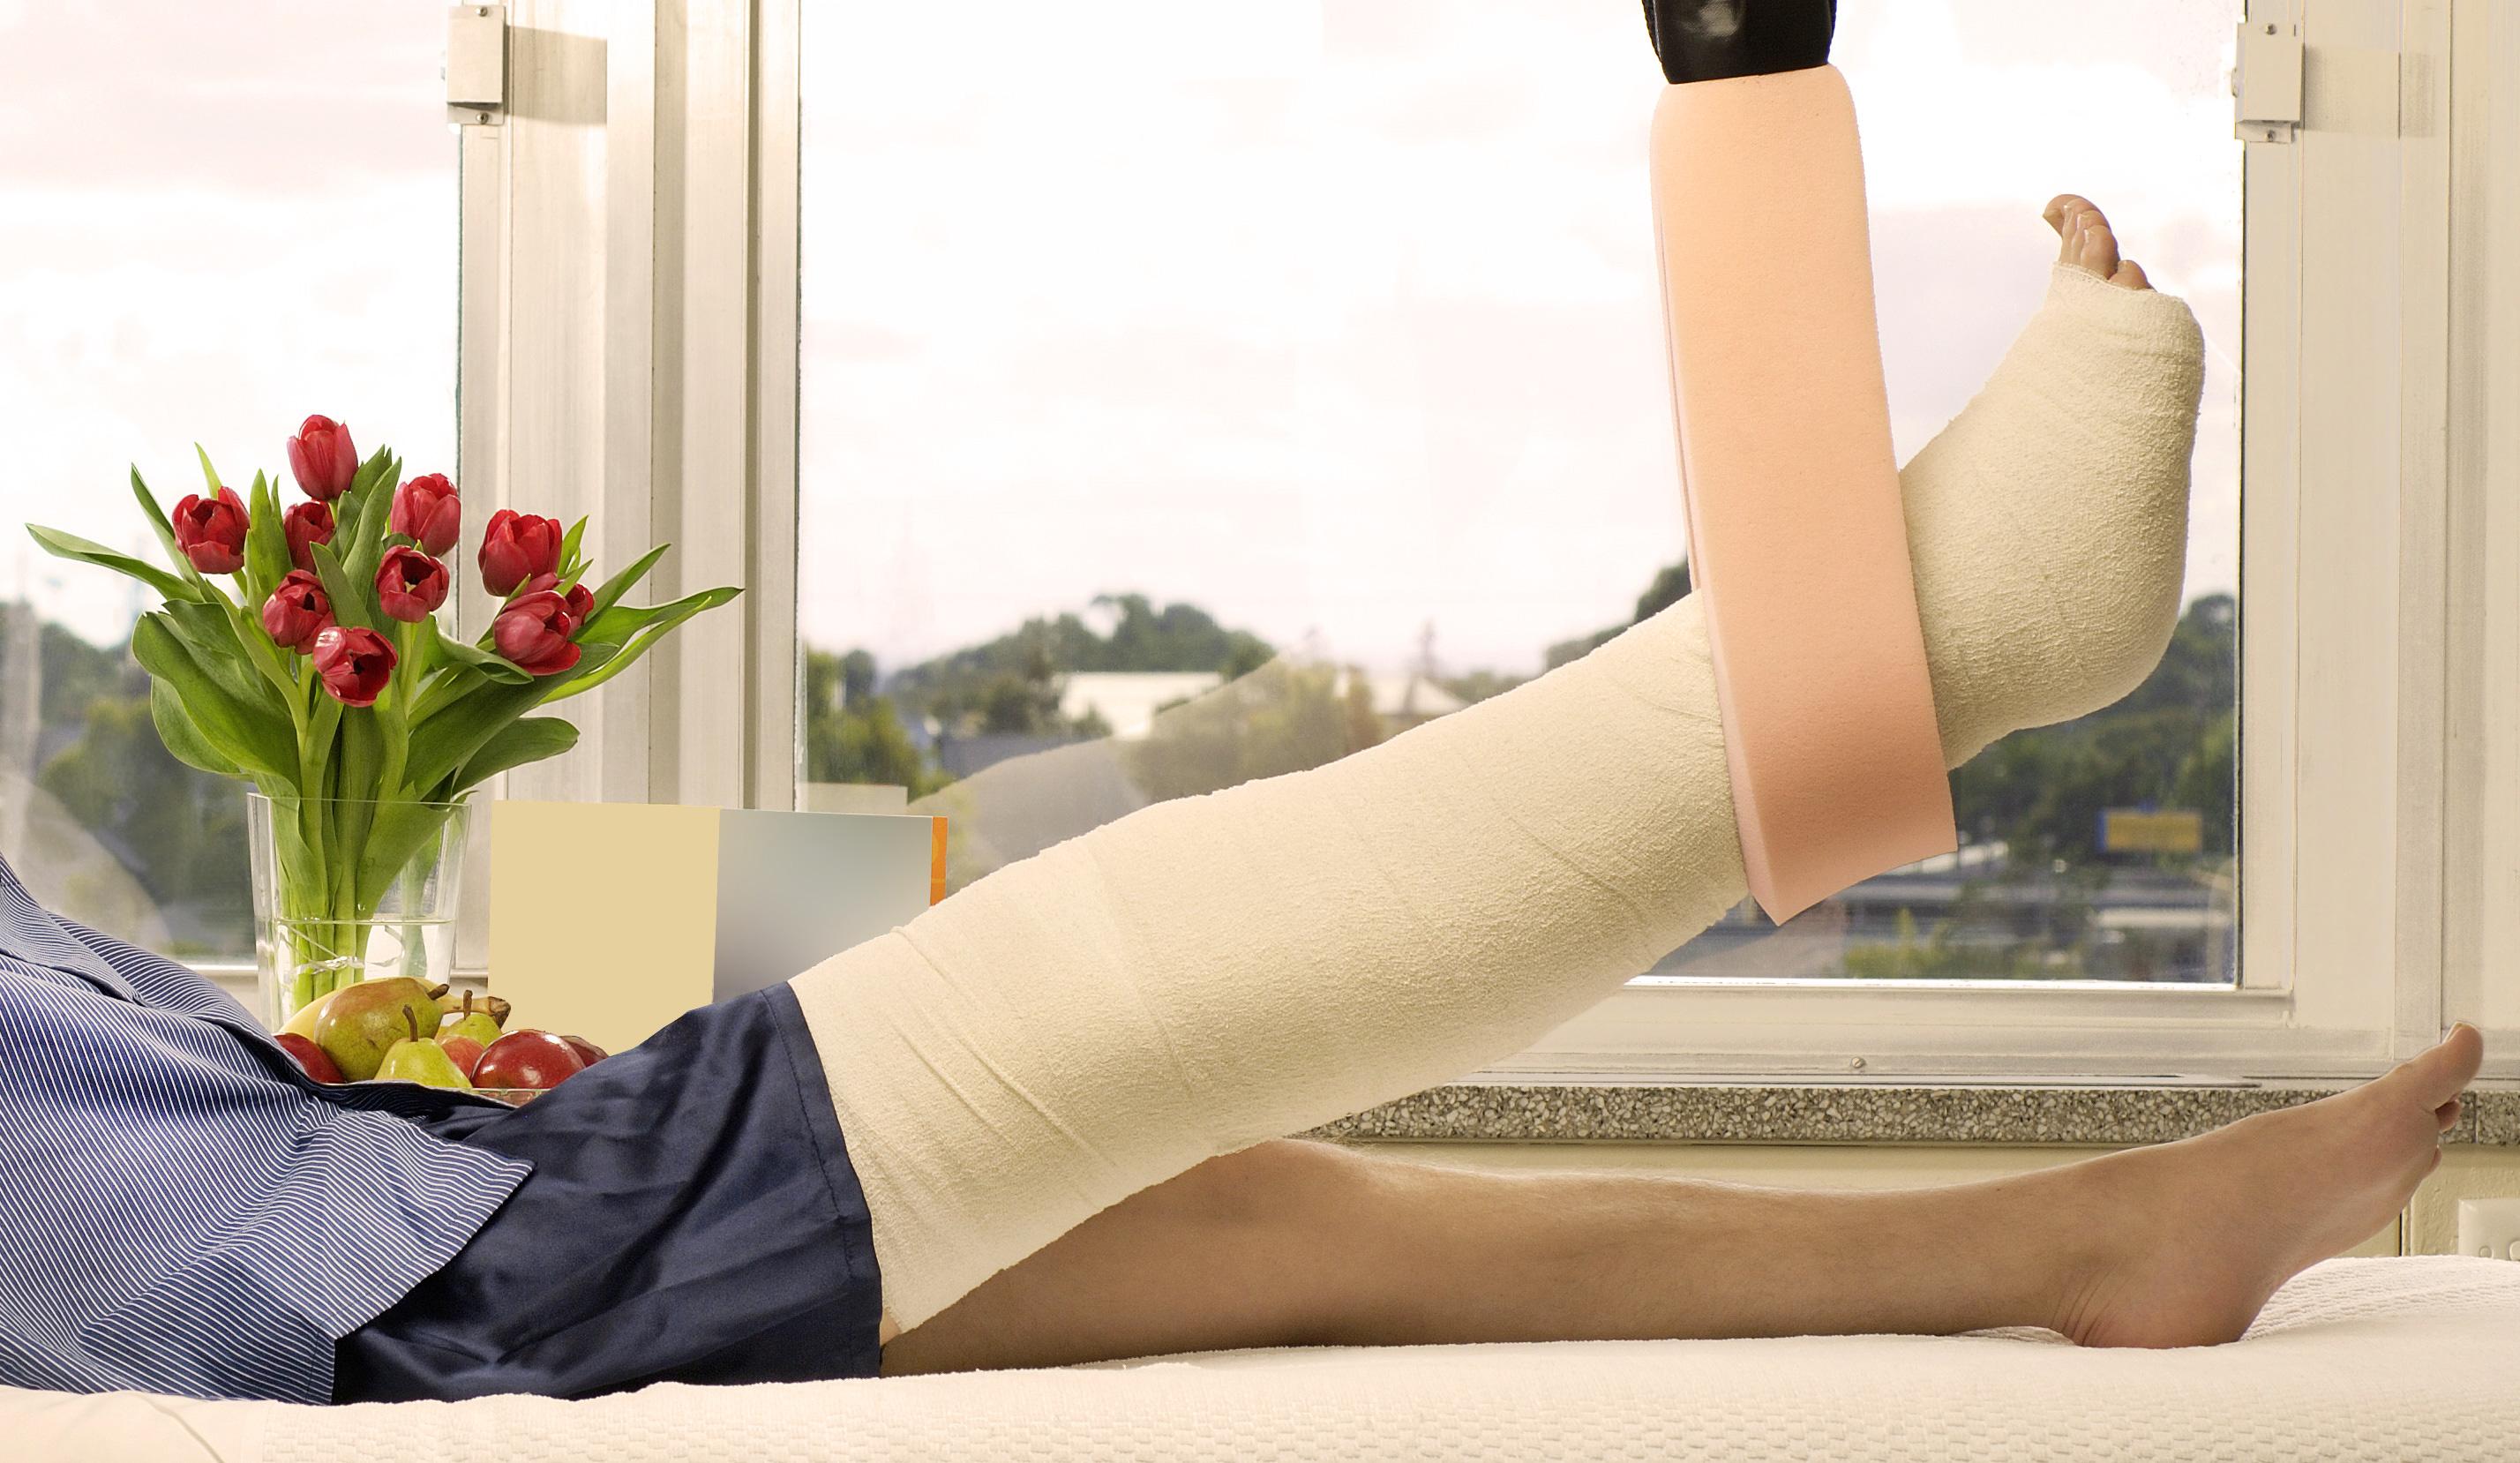 Mann mit gebrochenem Bein in Schlinge im Krankenhausbett